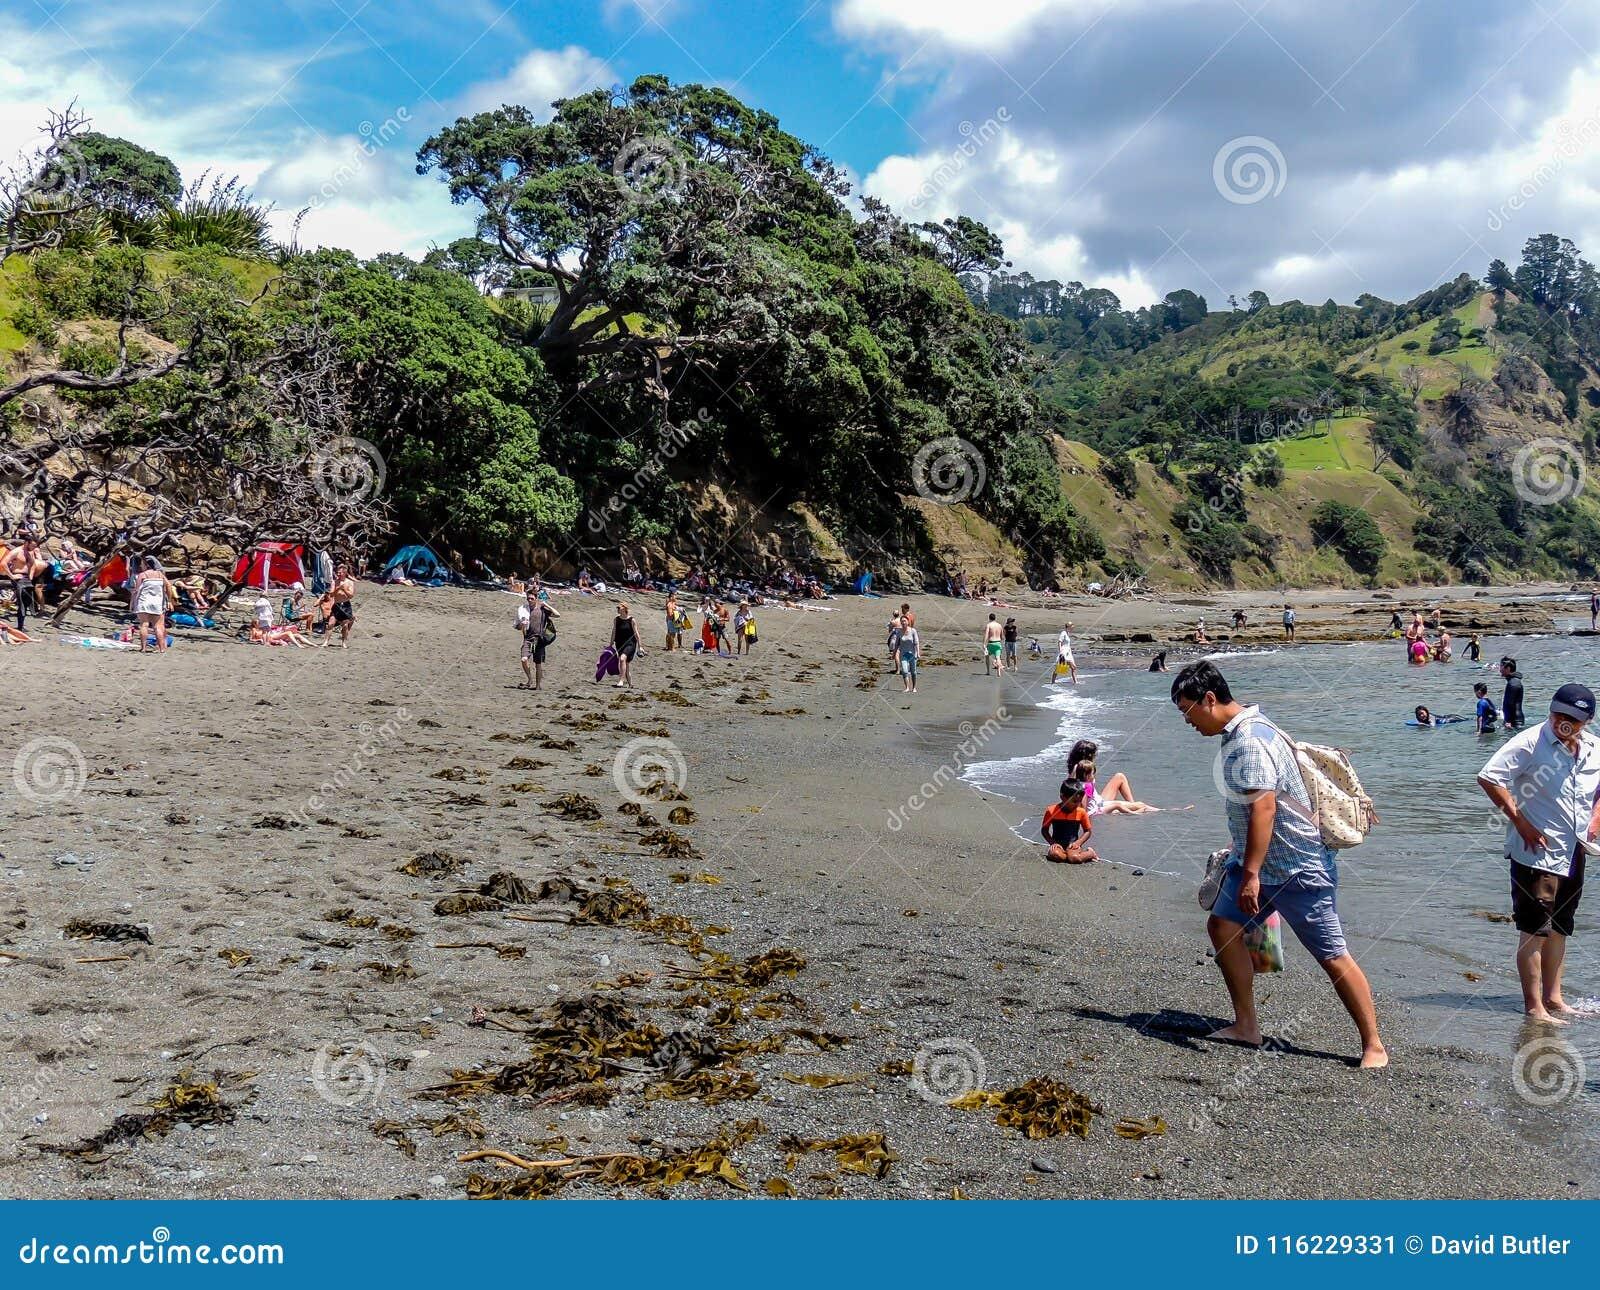 Turisti che fanno roba da turisti mentre in giro in Nuova Zelanda